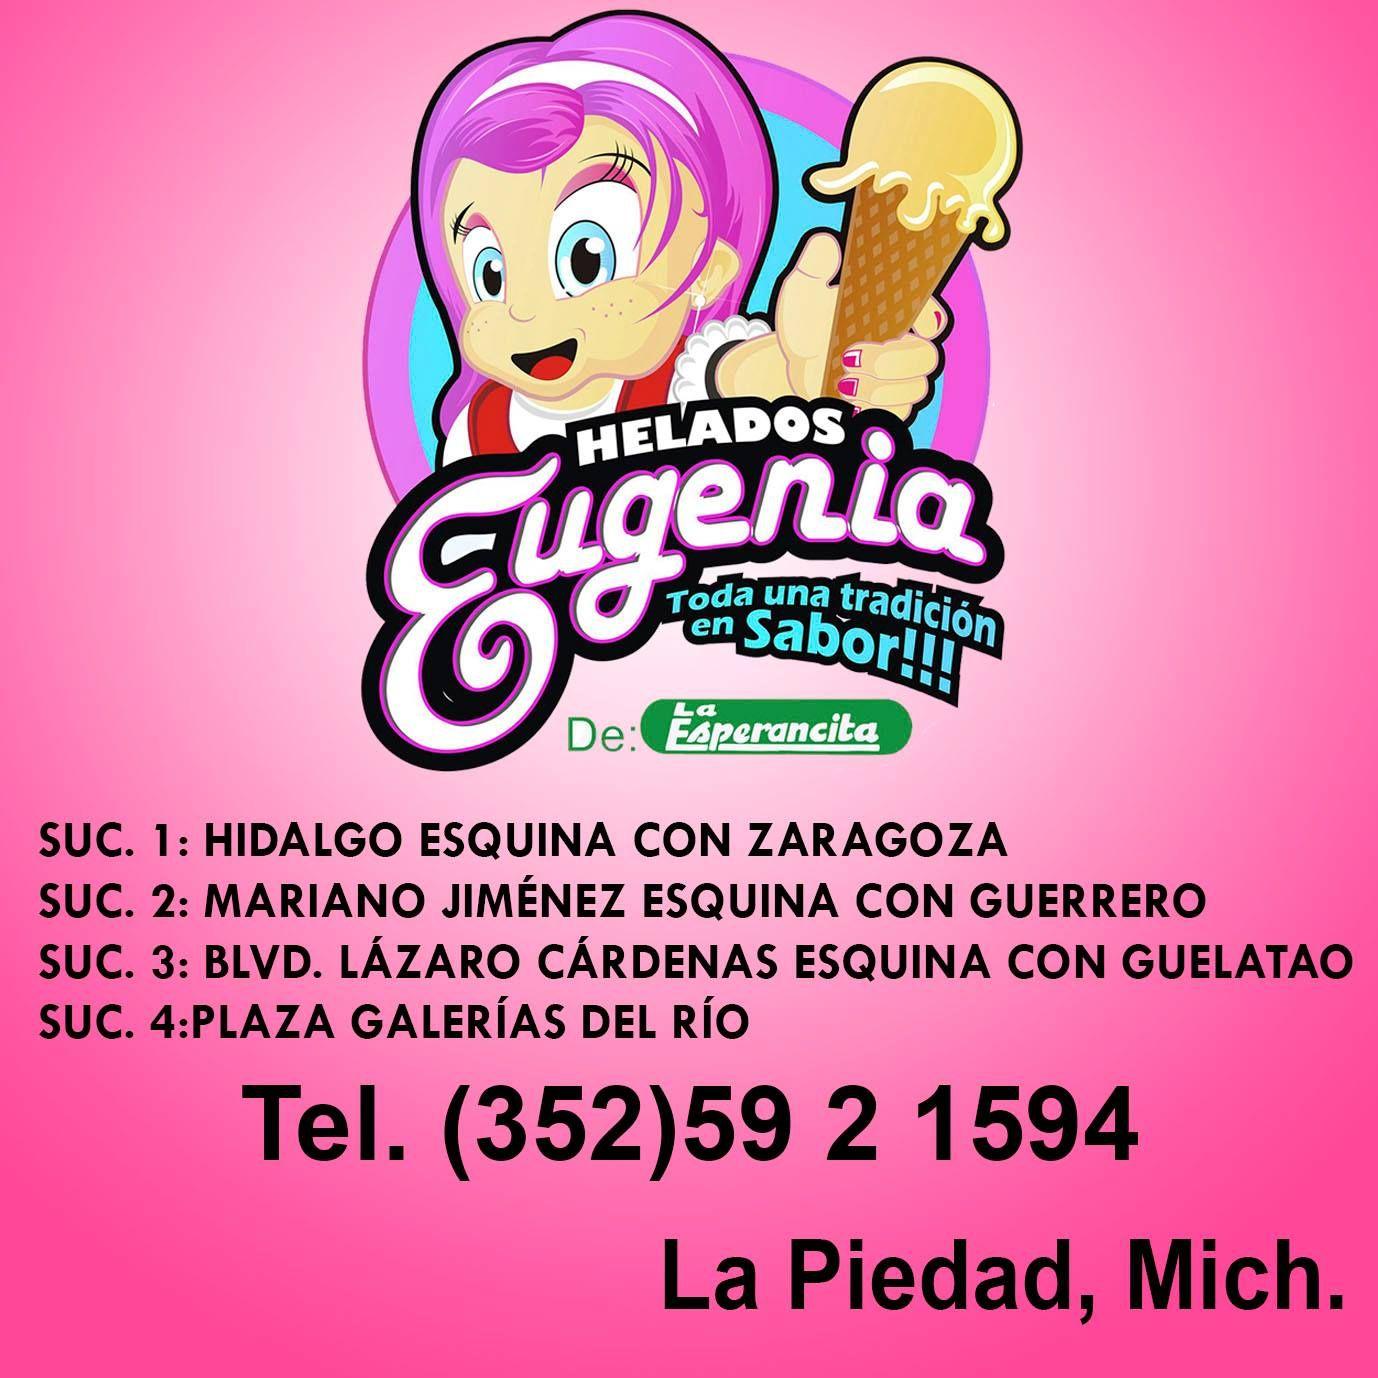 Helados Eugenia Espera Las Incre Bles Promociones Suc 1  # Muebles Lazaro Zaragoza